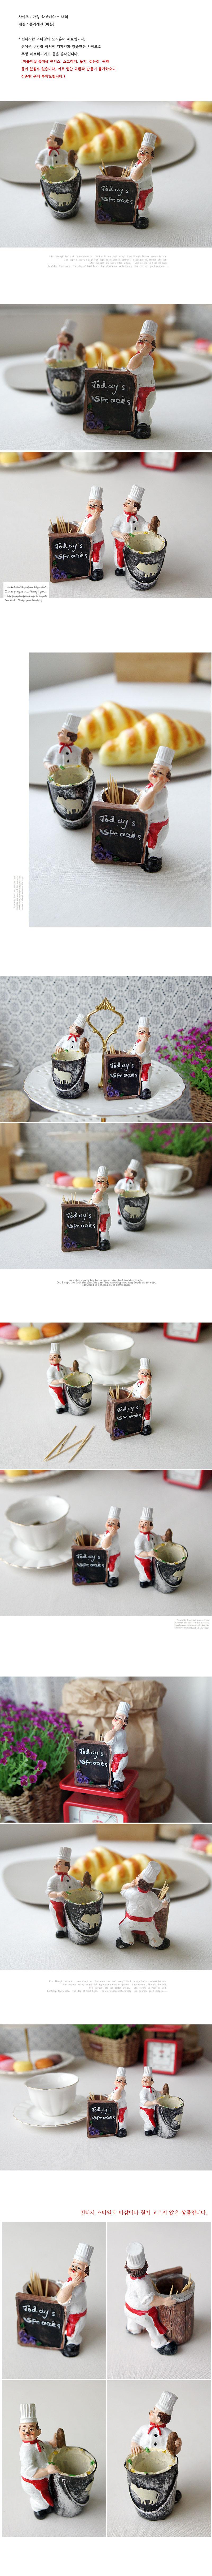 DS-L239빈티지 카우칠판 요지꽂이 장식품 2P 세트 카페 소품 - 리빙톡톡, 11,500원, 장식소품, 기타 소품